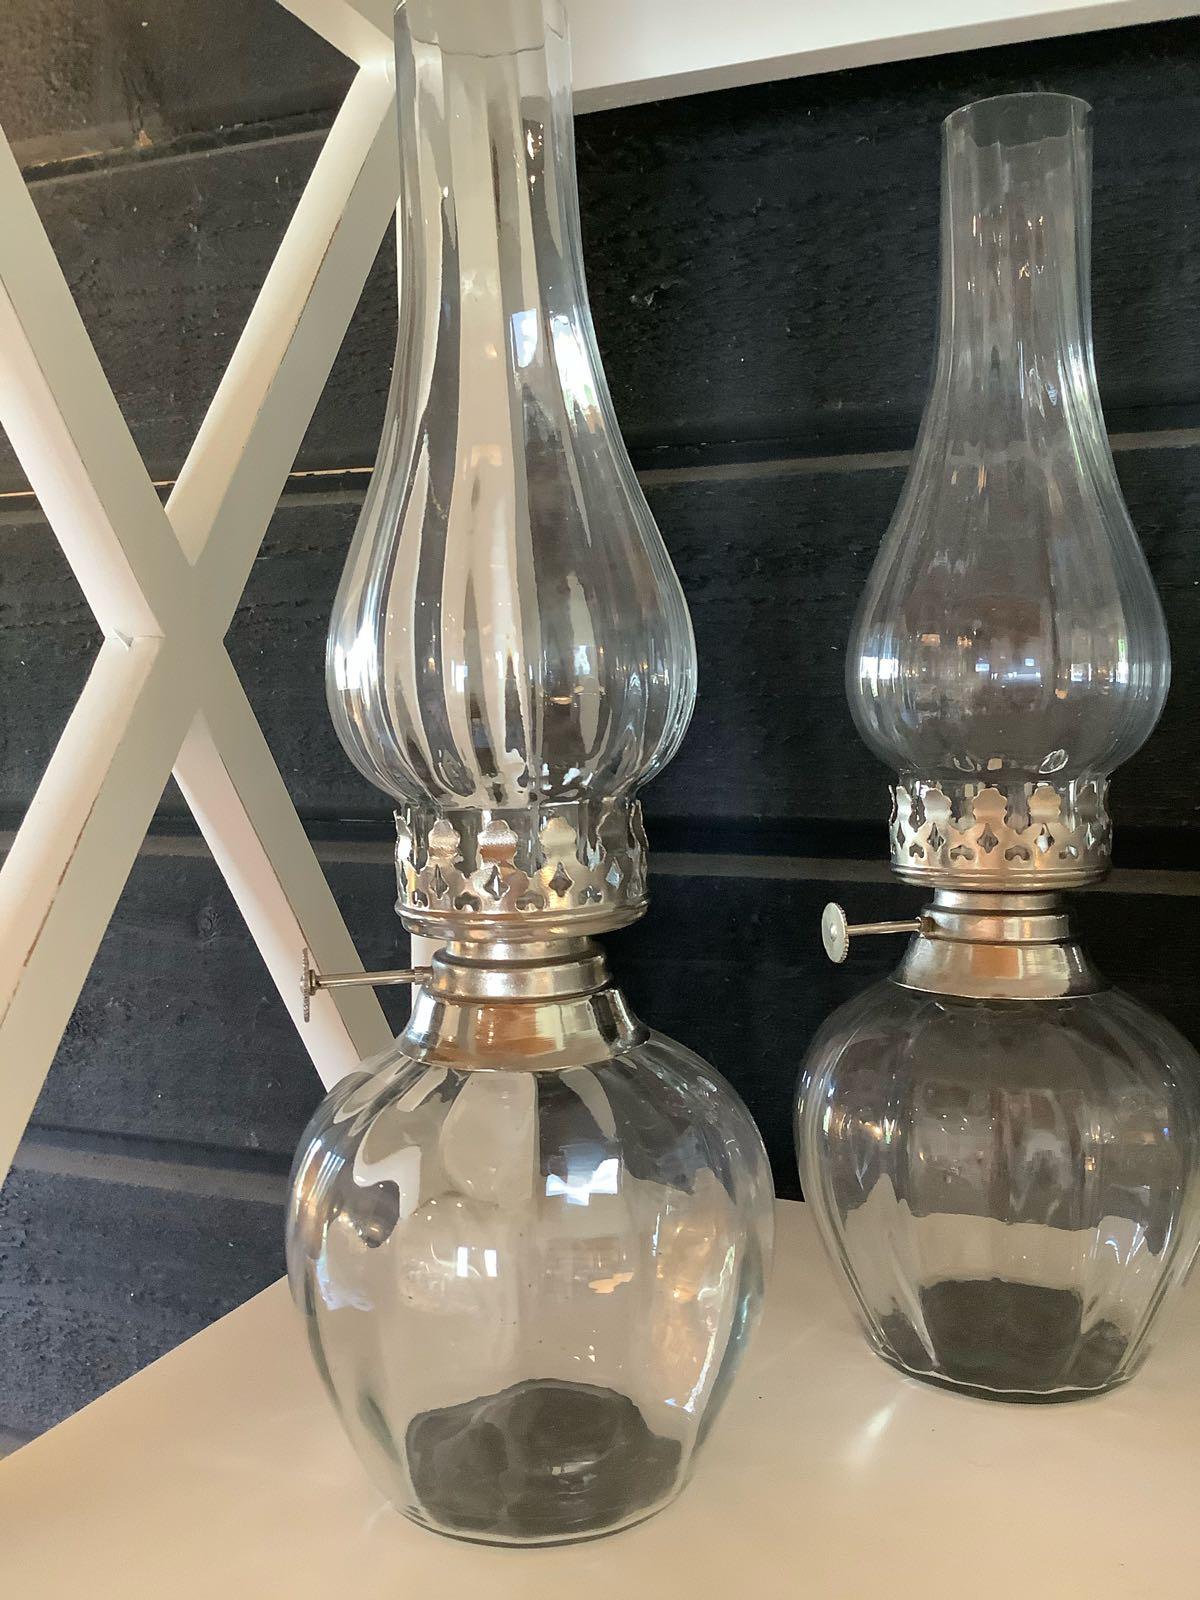 Lampa värmeljus glas